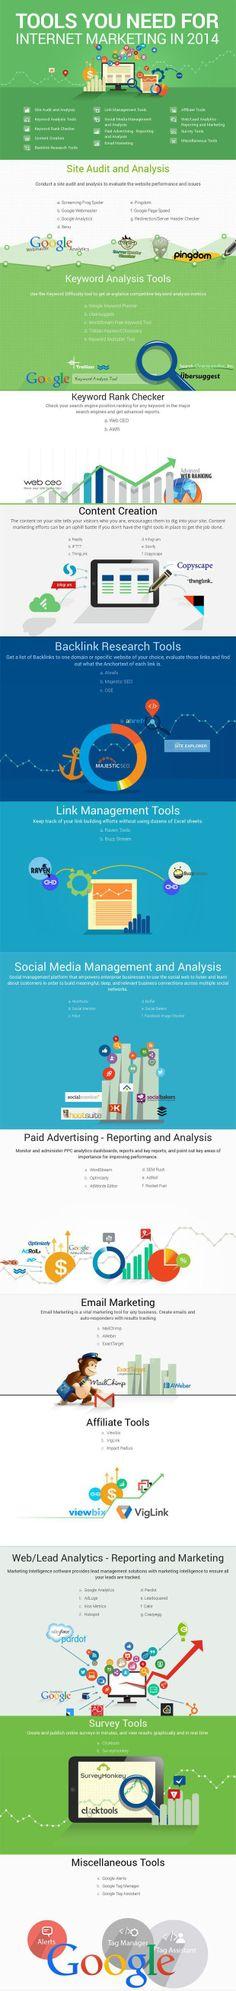 Las herramientas que necesitas para Marketing Digital #infografía